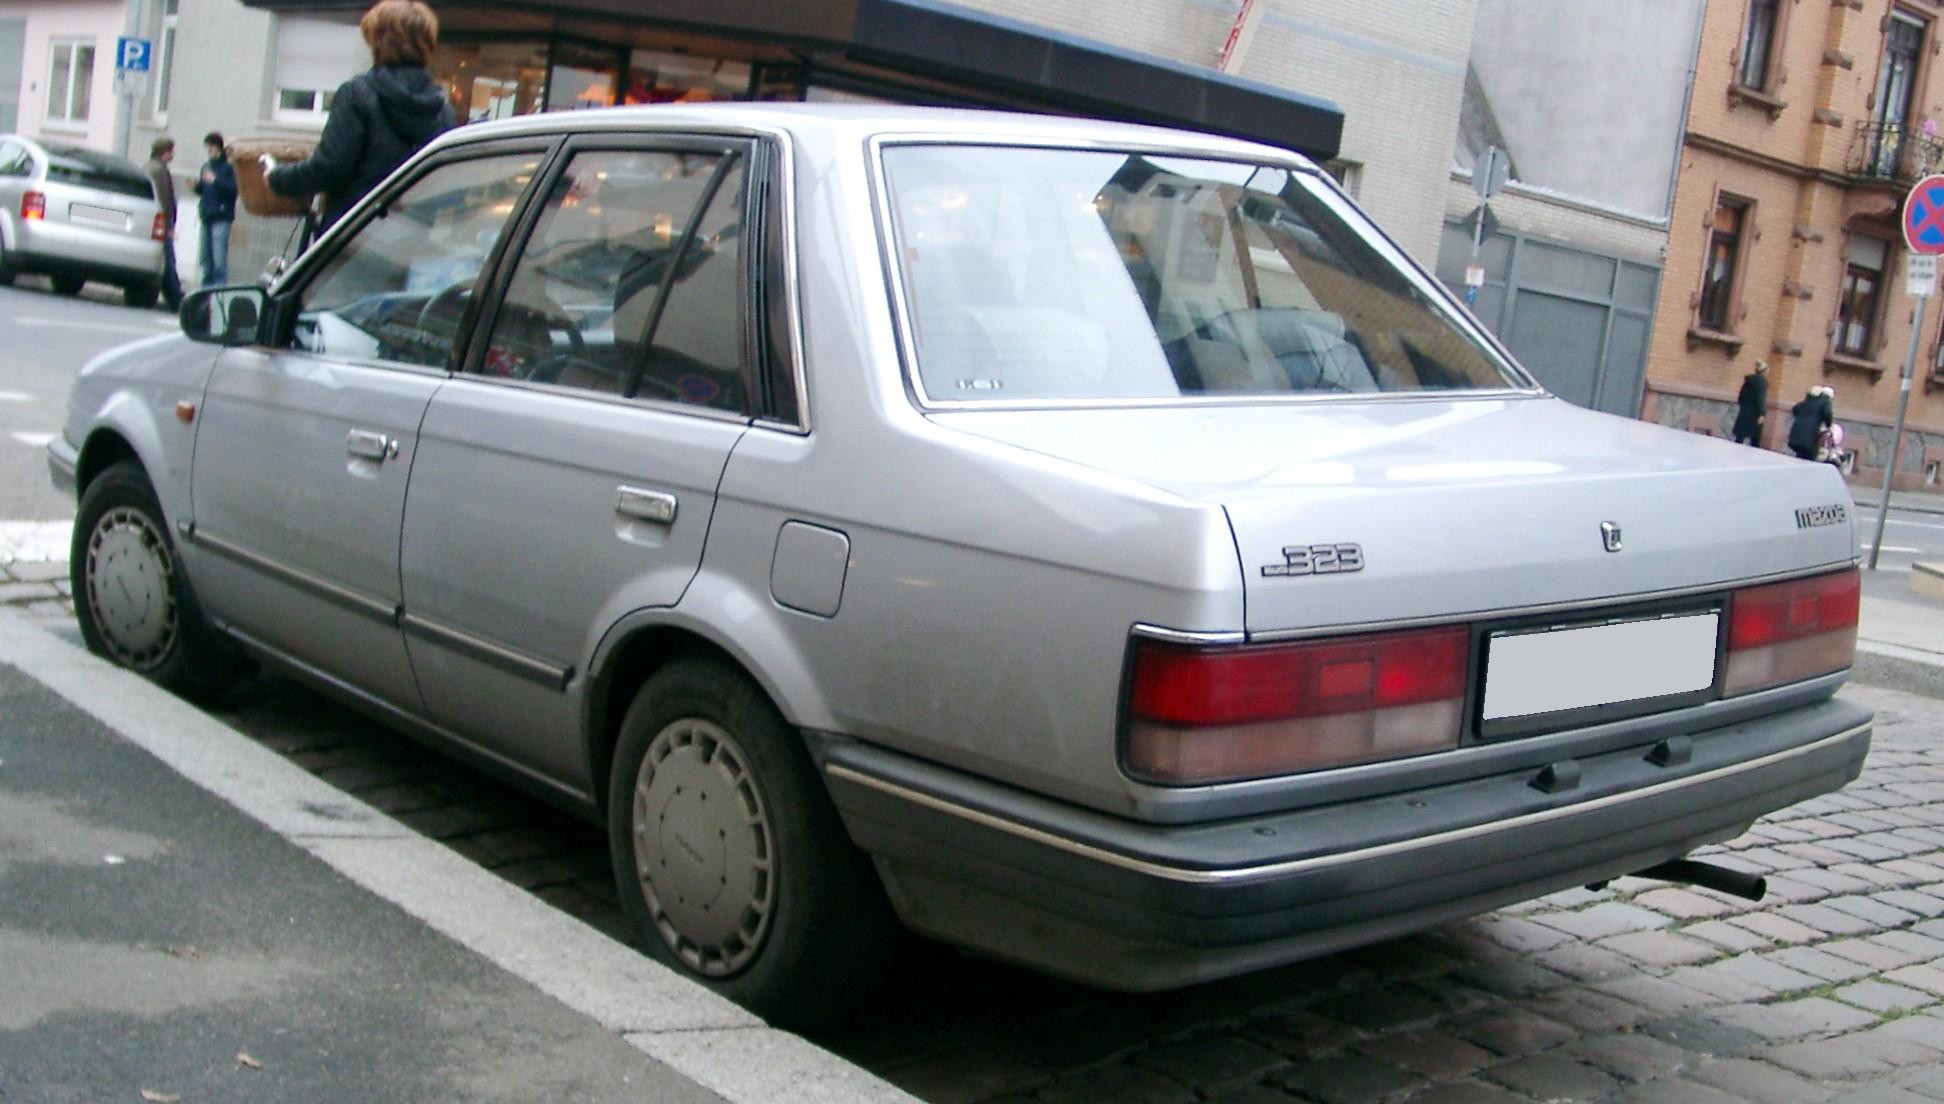 File:Mazda 323 rear 20071206.jpg